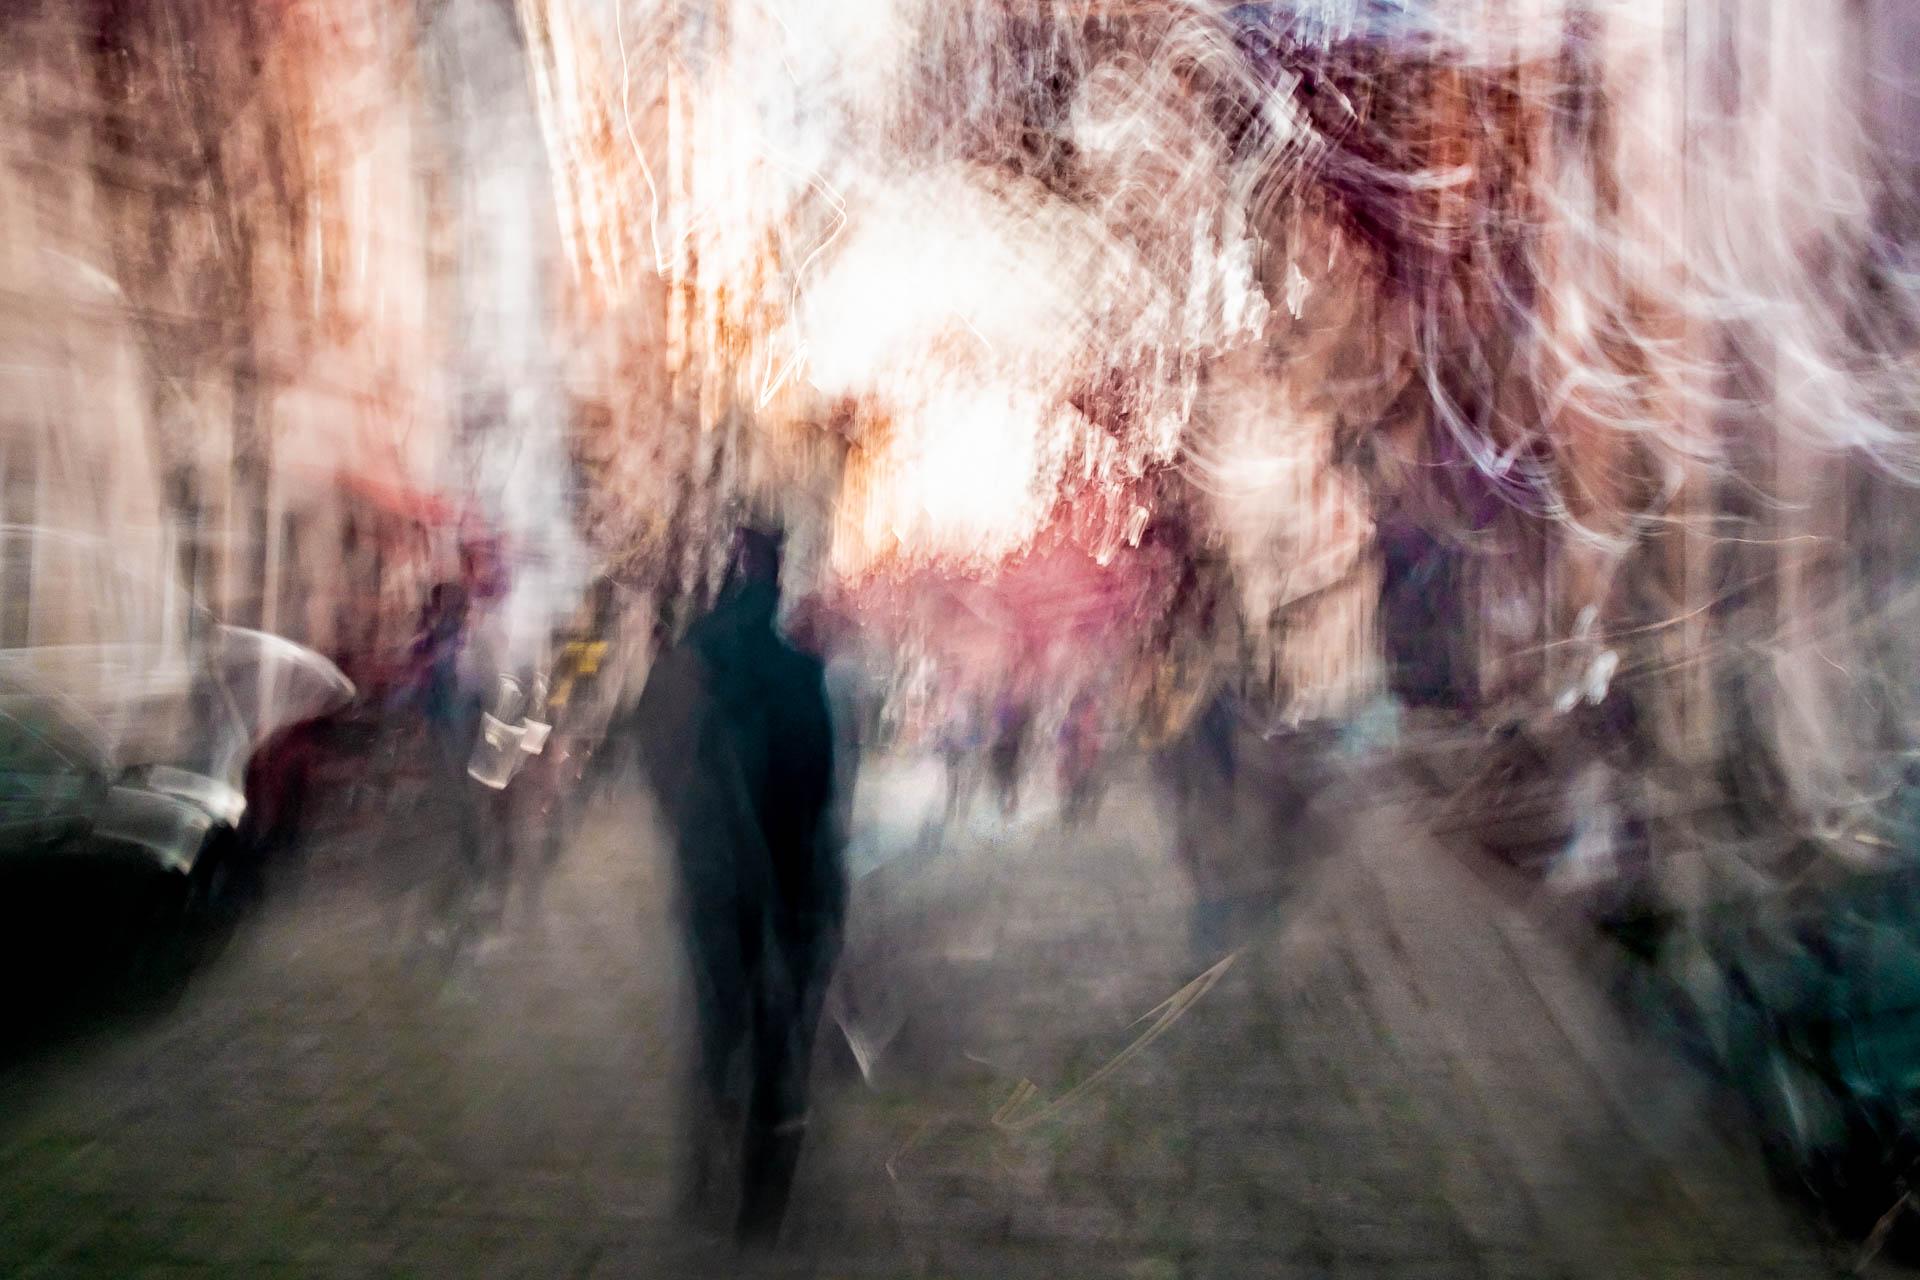 Bonn_Cherries_Movingscape-DSCF9750-Edit-8.jpg